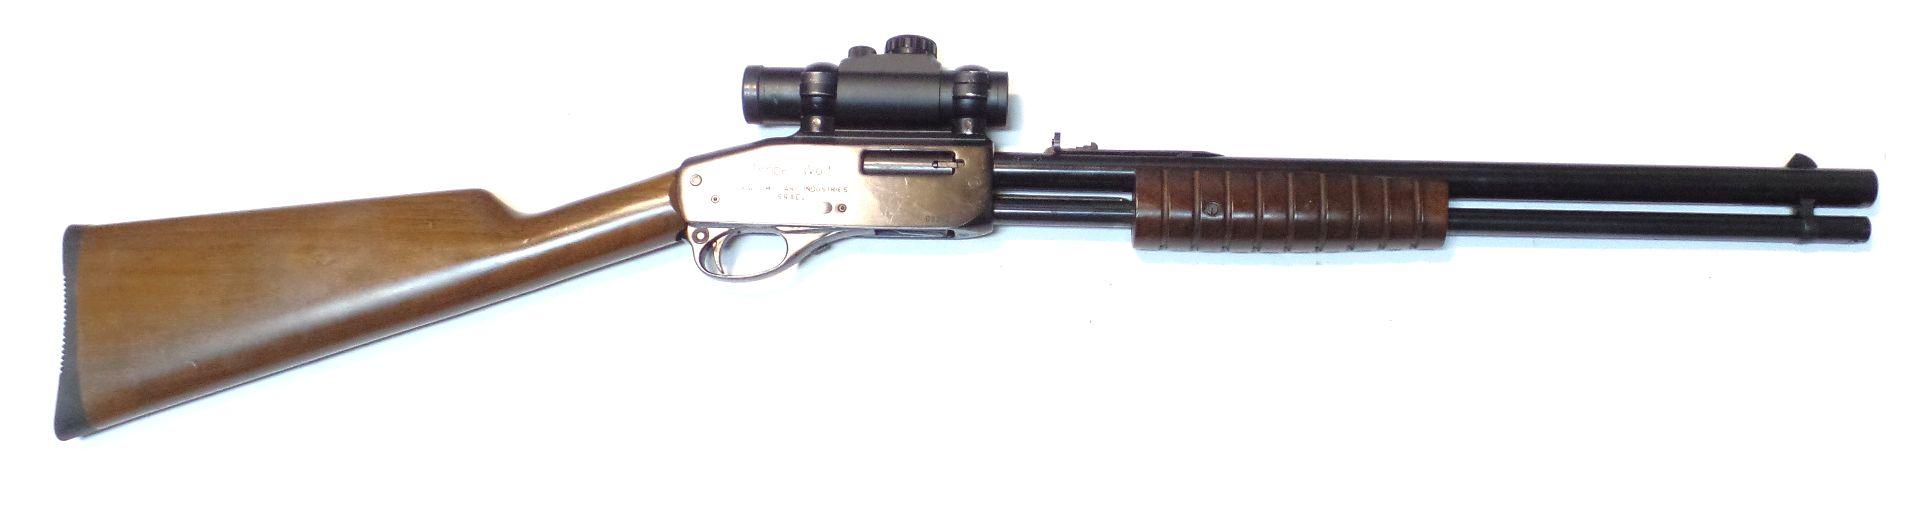 IMI TIMBERWOLF calibre 357 Magnum